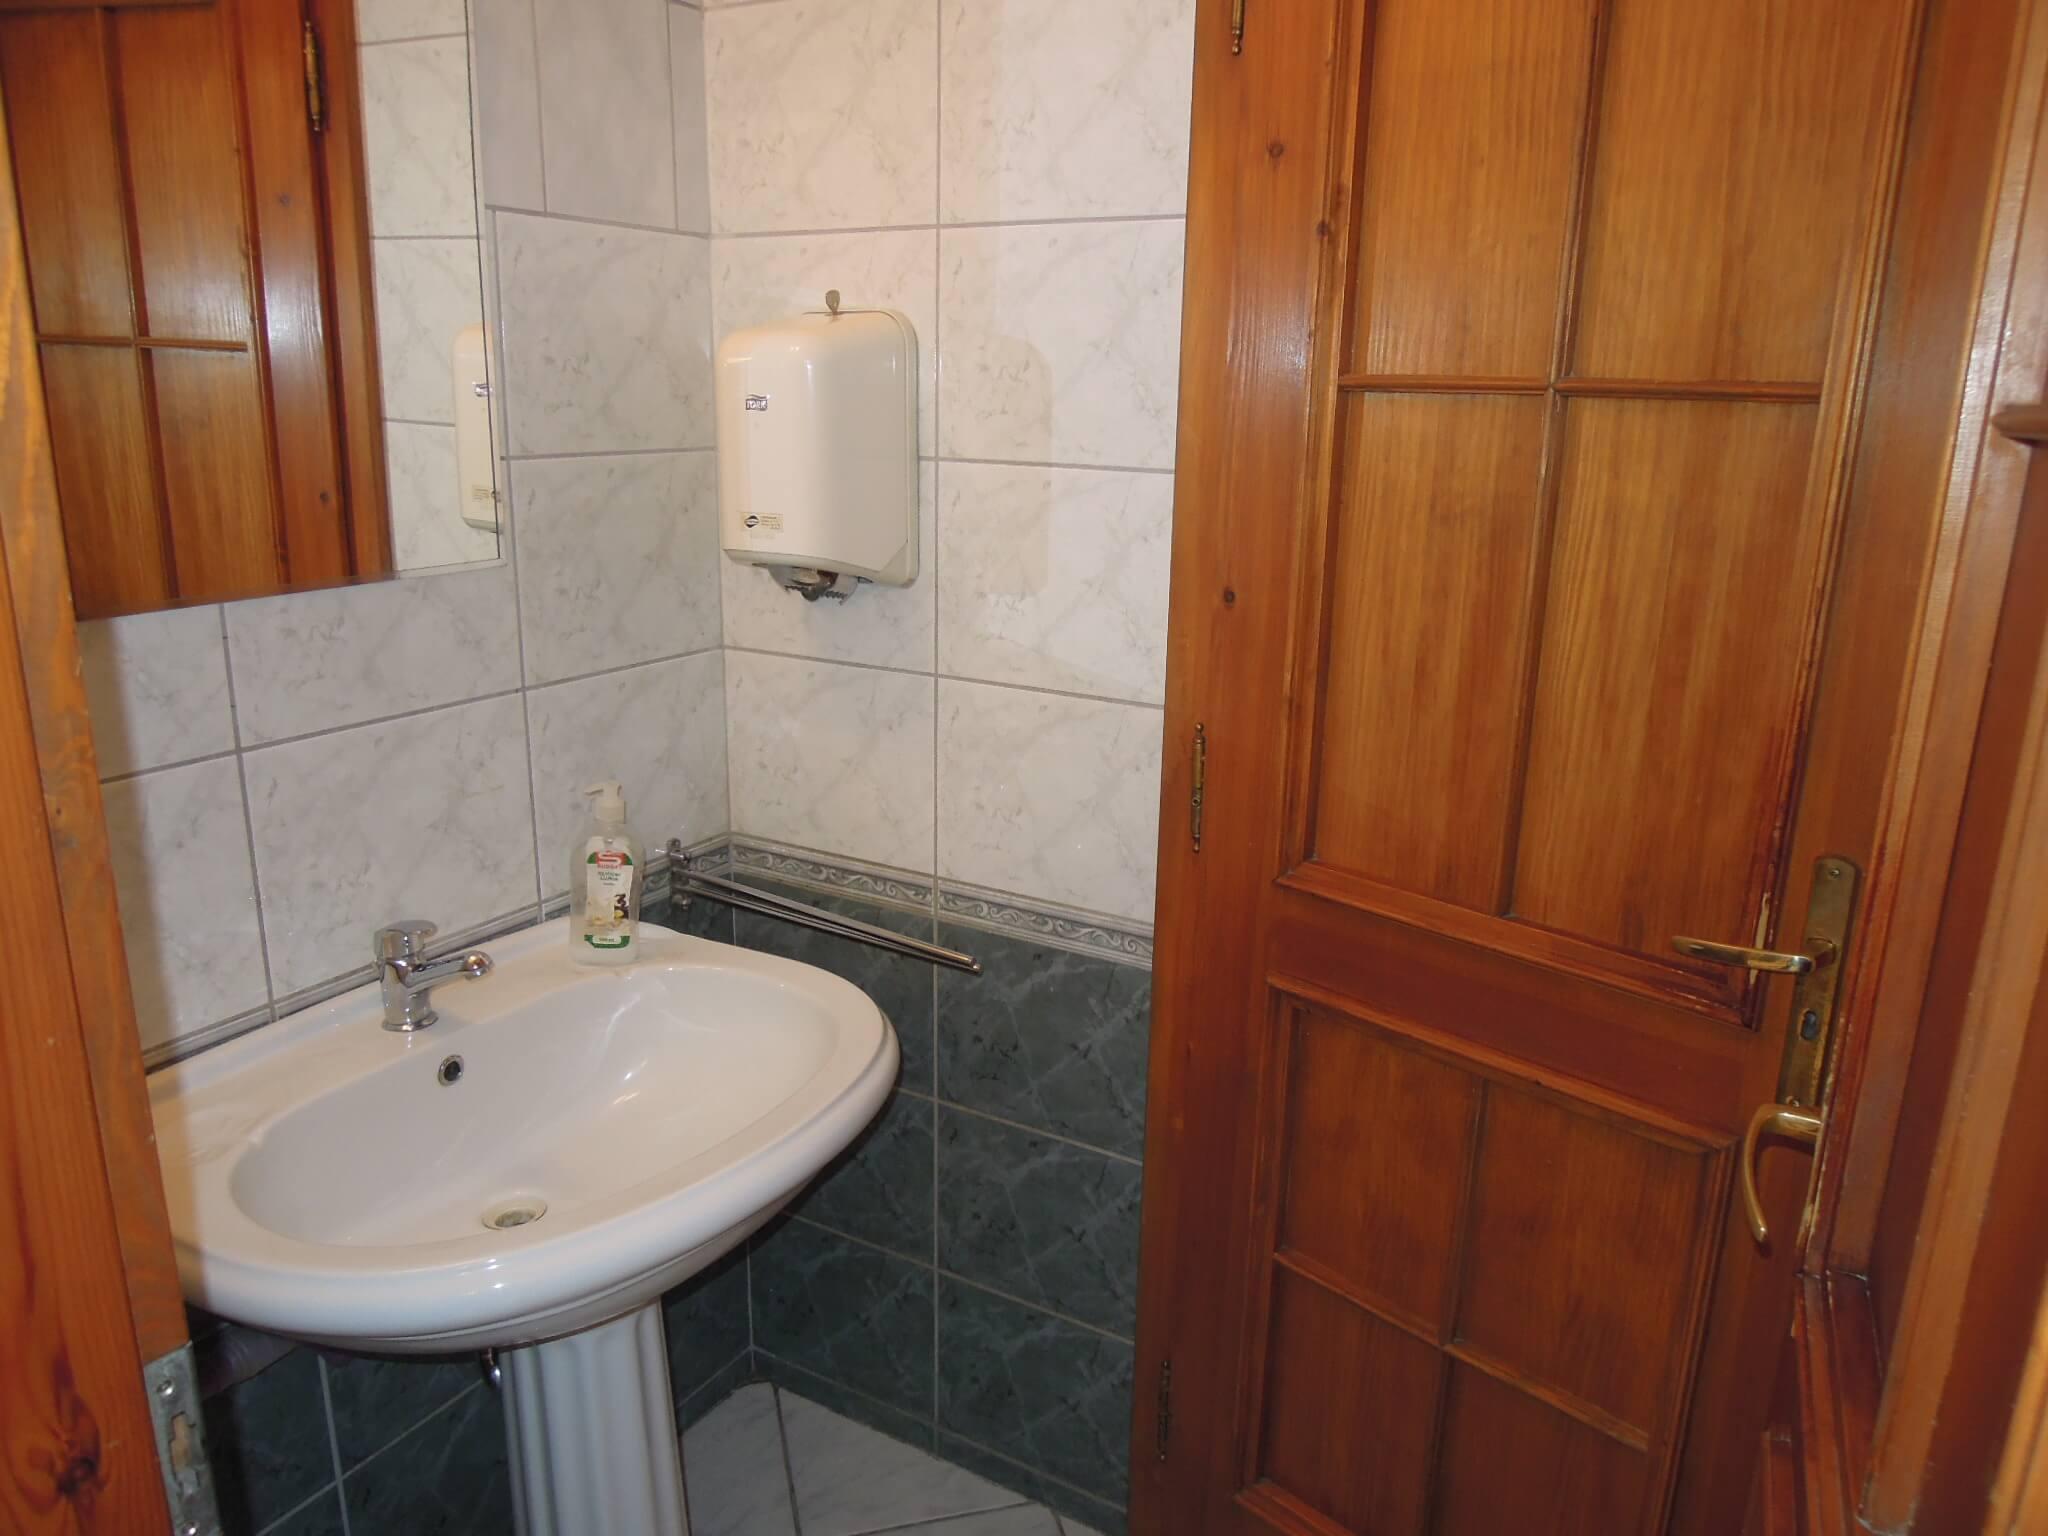 kiadó 109 nm-es bútorozott iroda-Budapest III-Óbuda -Kolosy tér -http://alacsonyjutalek.hu/ - Megbízható, igényes, olcsó ingatlanközvetítő iroda. Az okos ingatlantulajdonosok partnere